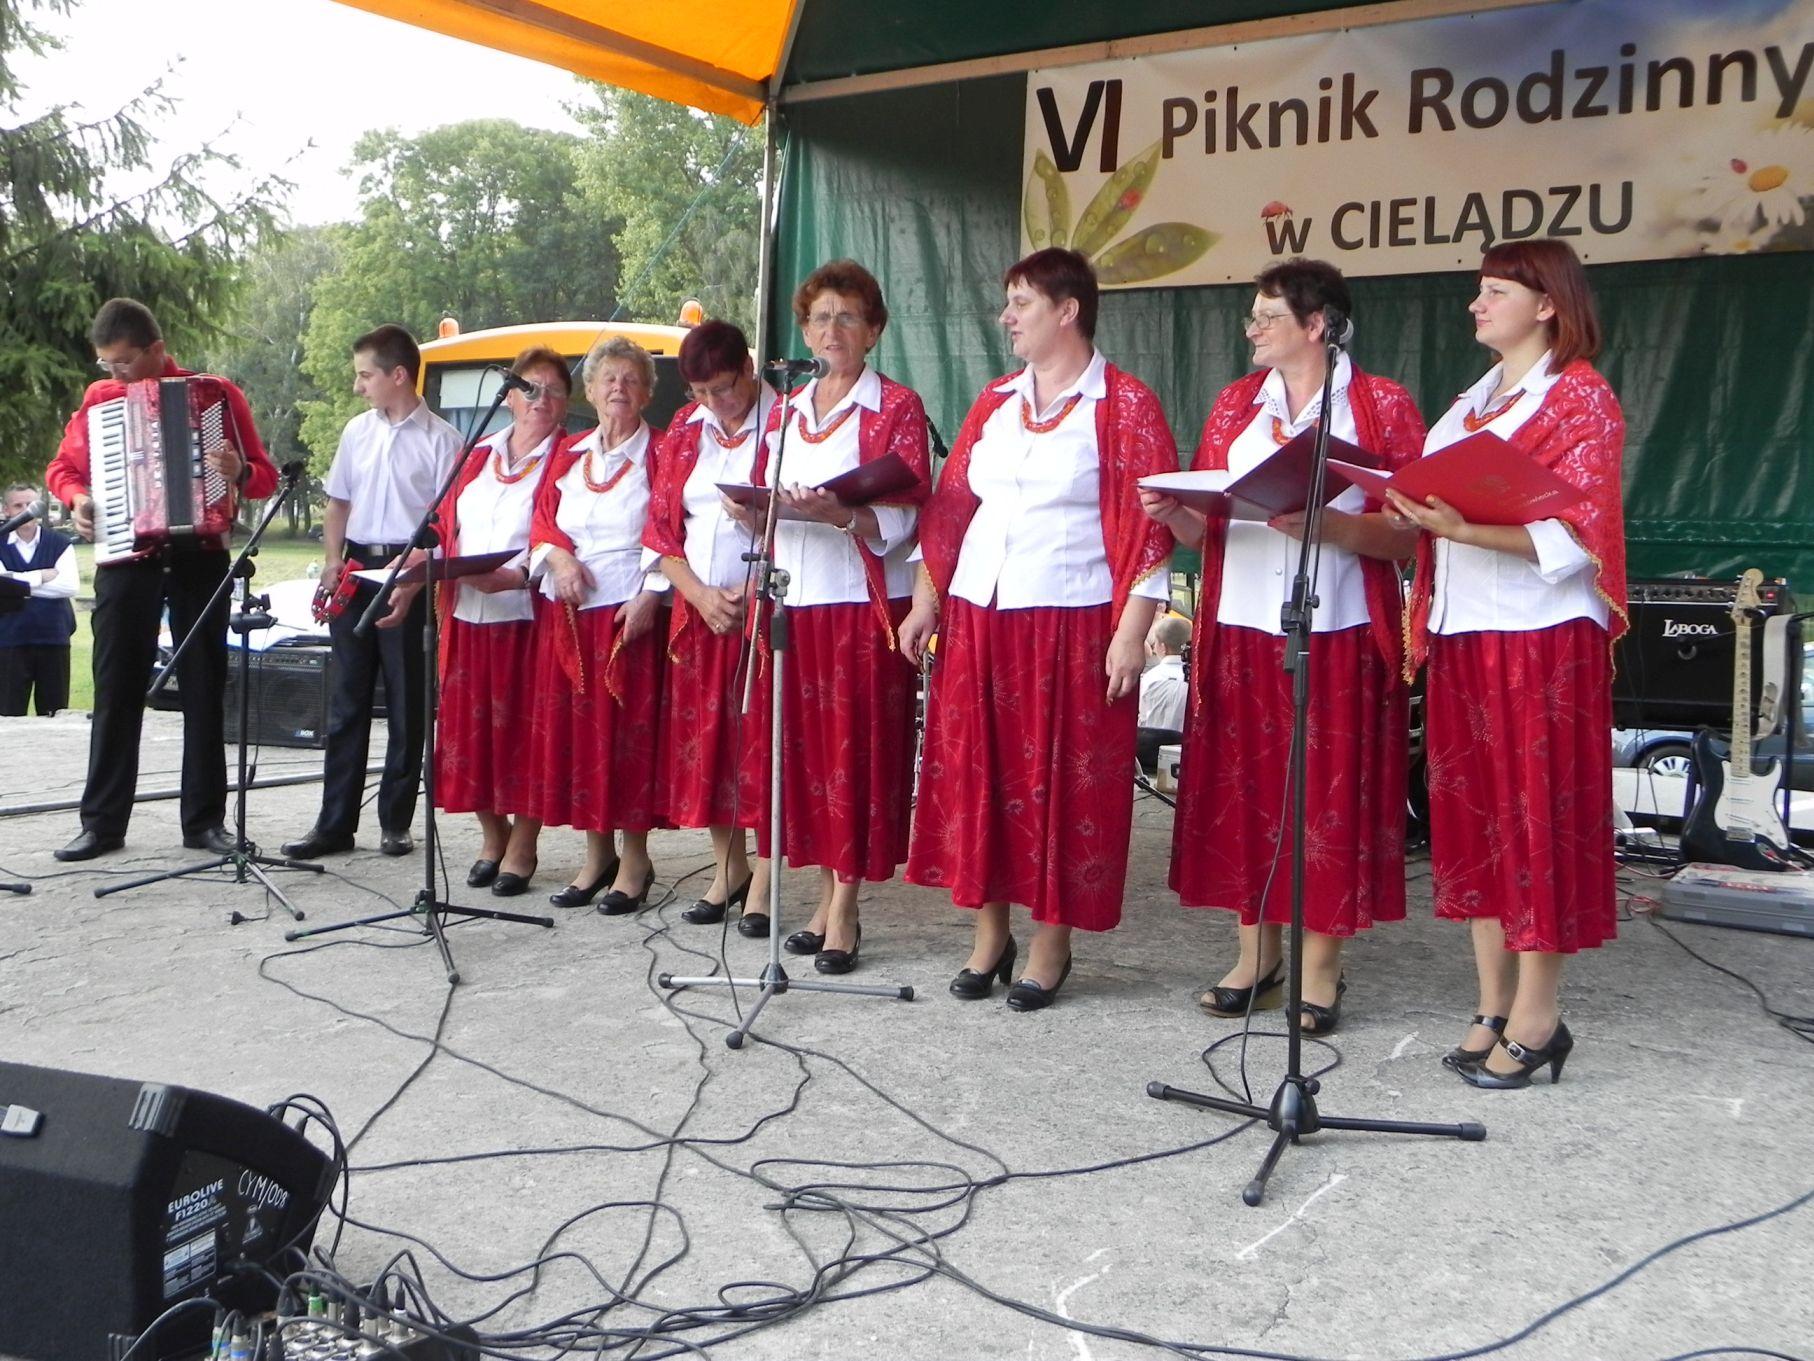 2013-08-18 Cielądz piknik (23)